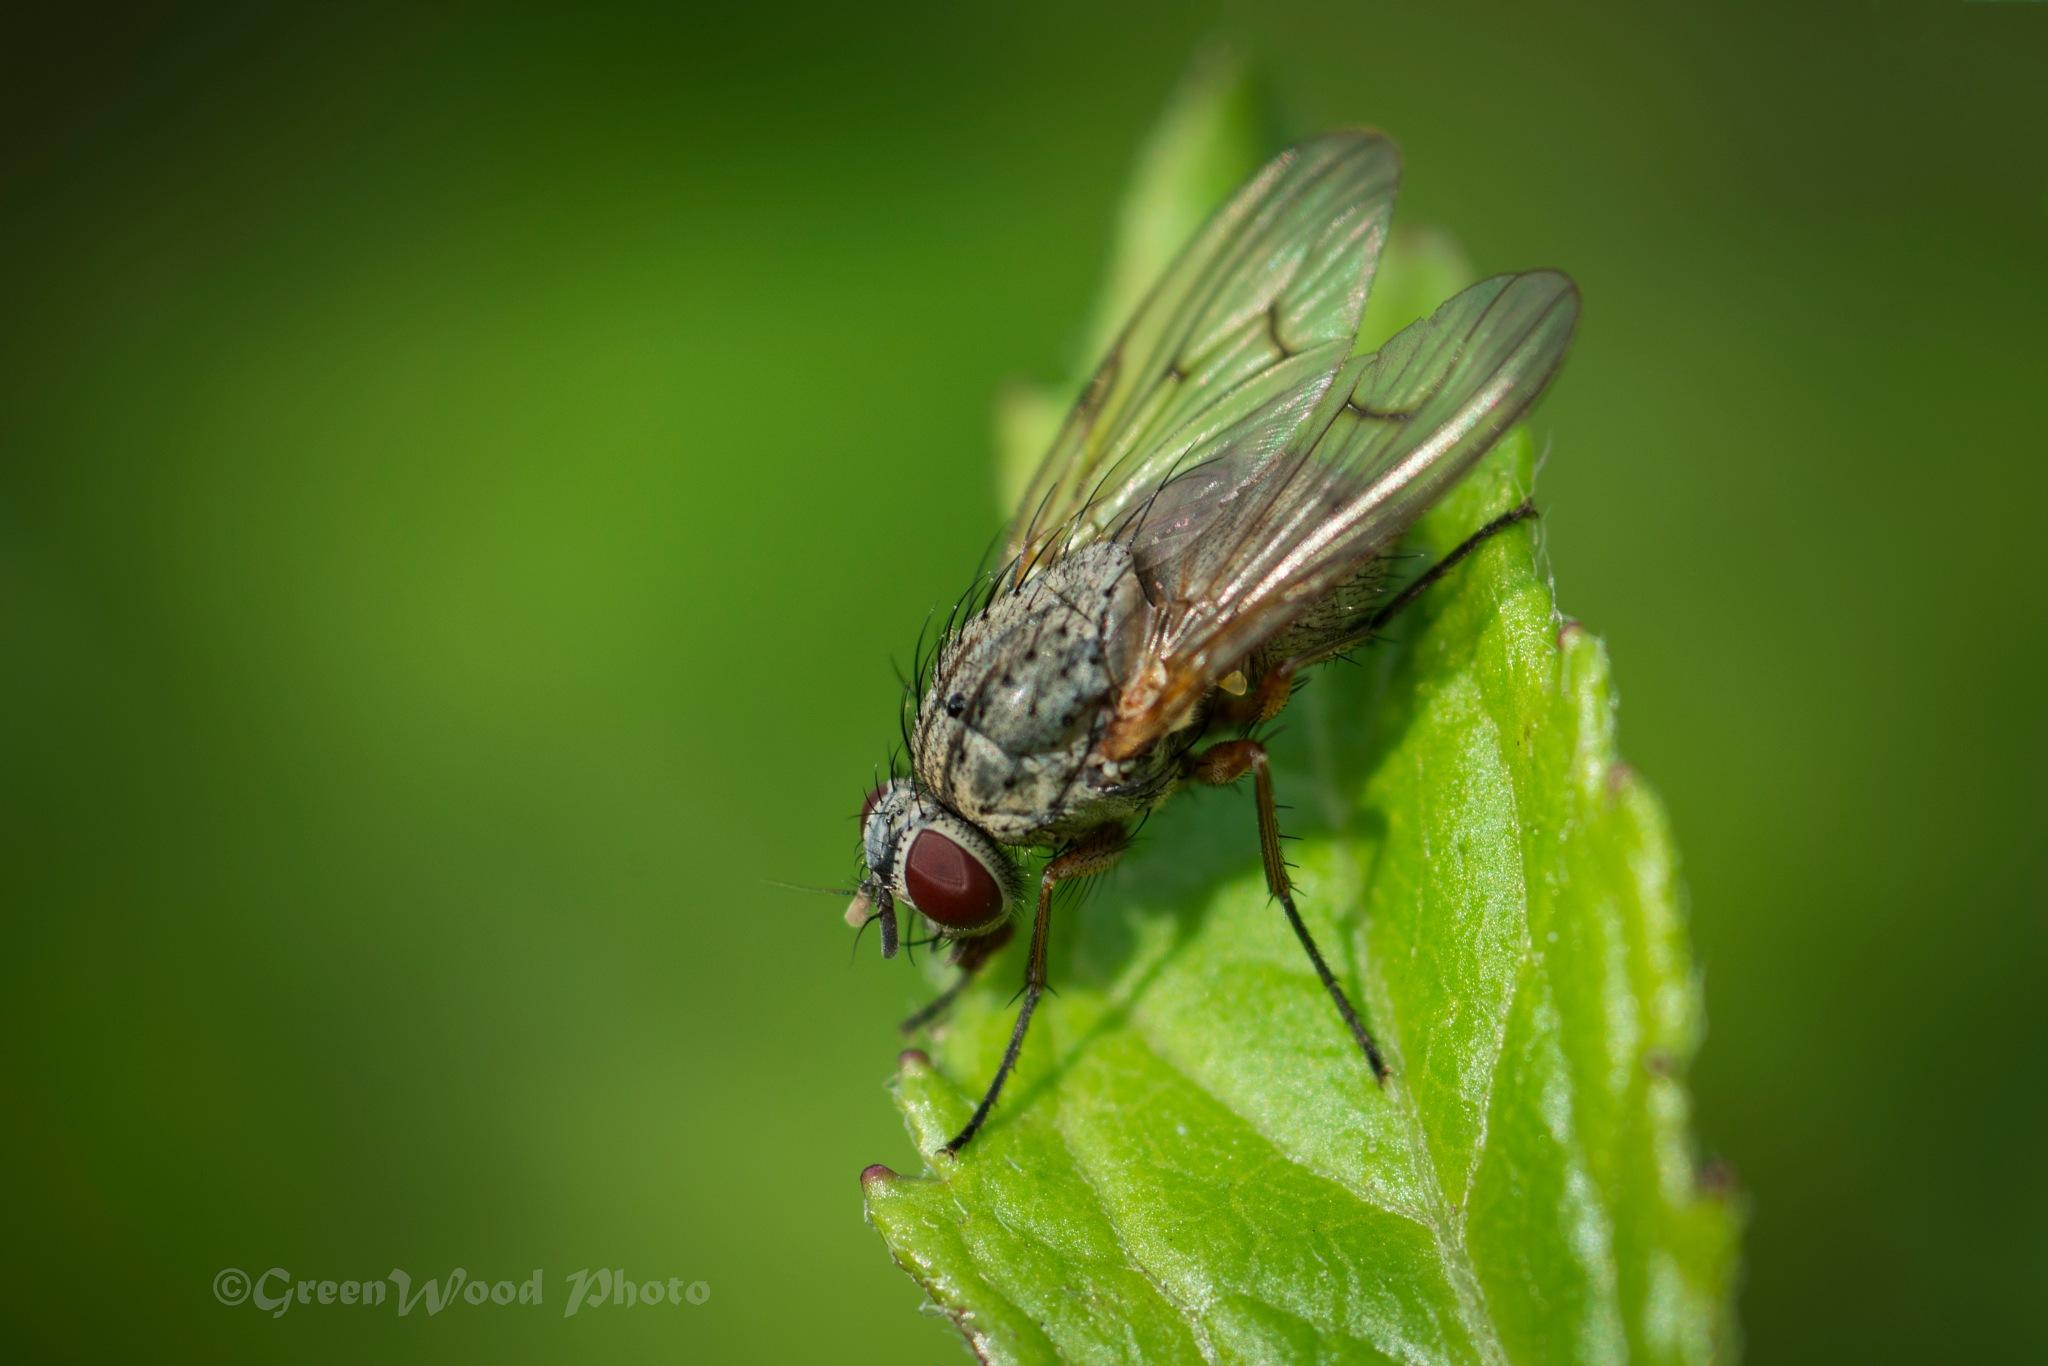 Fly by Zoltán Grünvald